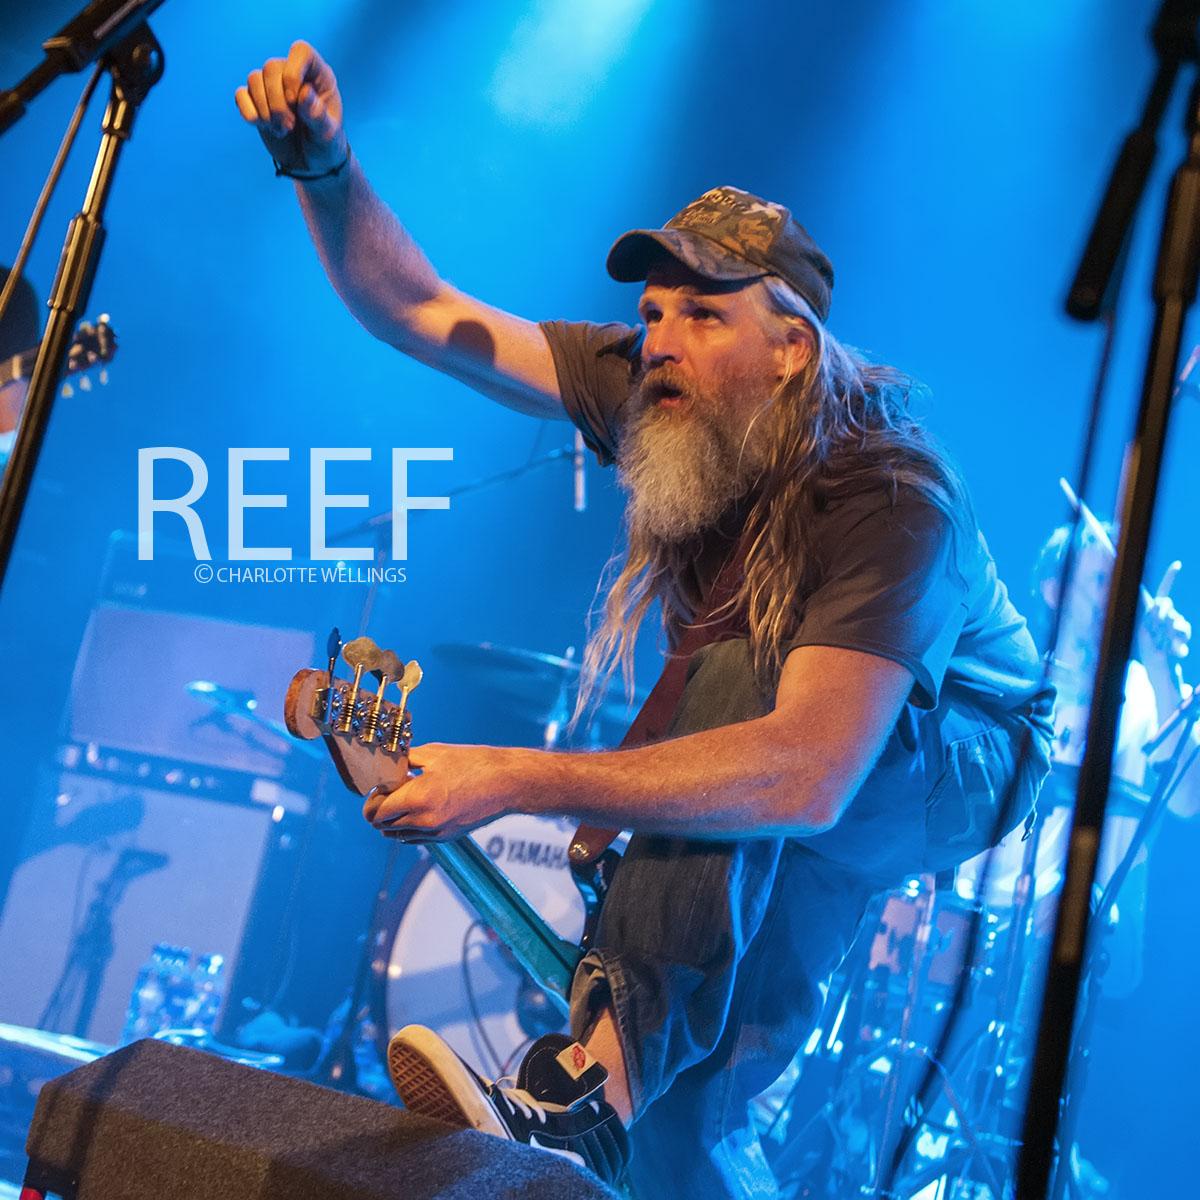 Reef-02wm.jpg